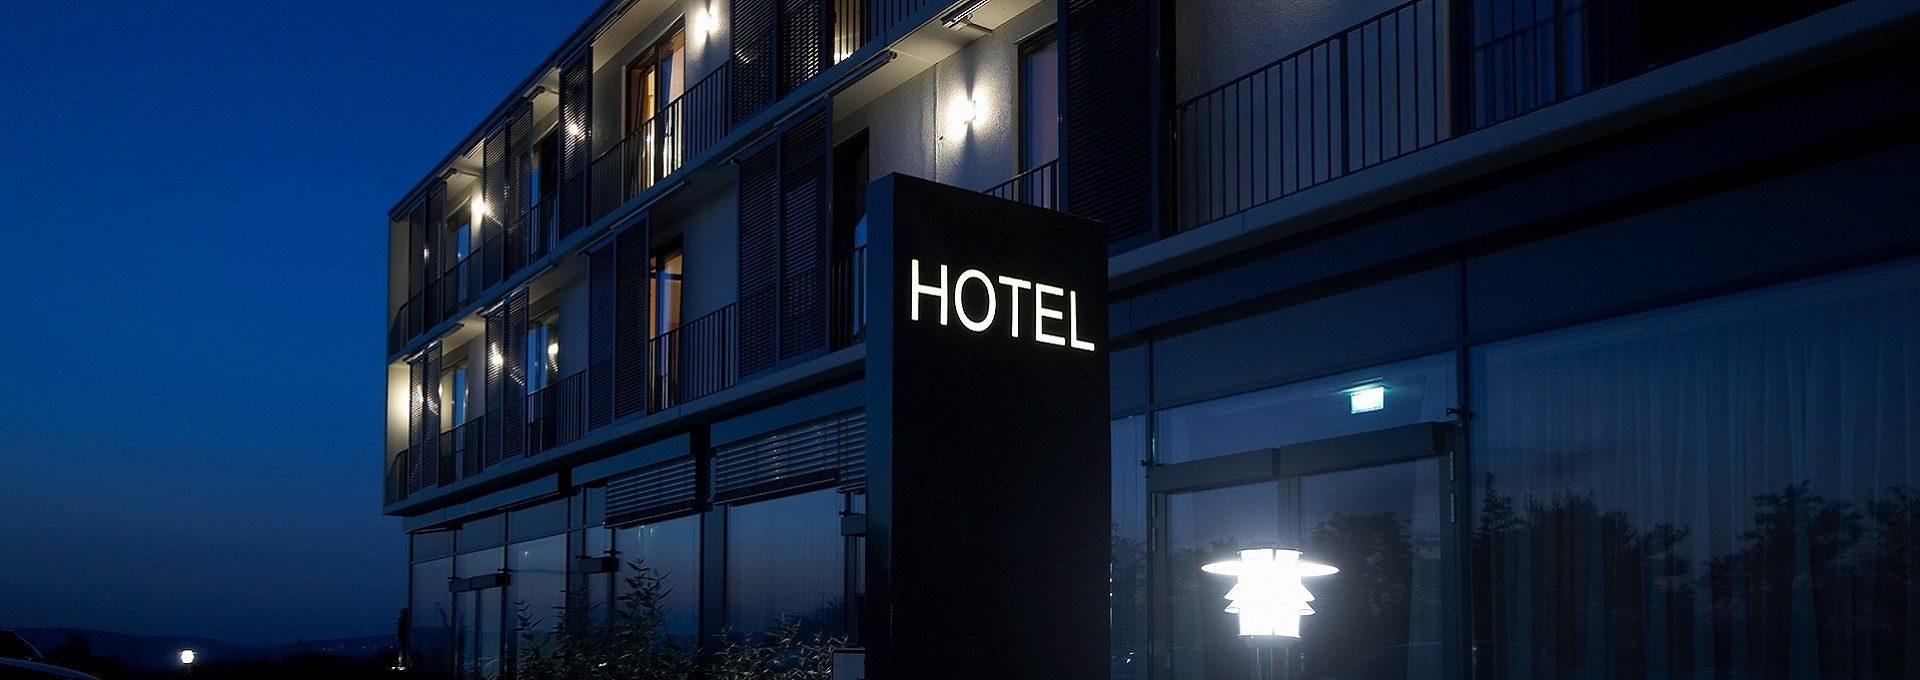 Aufnahme Atrium Hotel bei Nacht